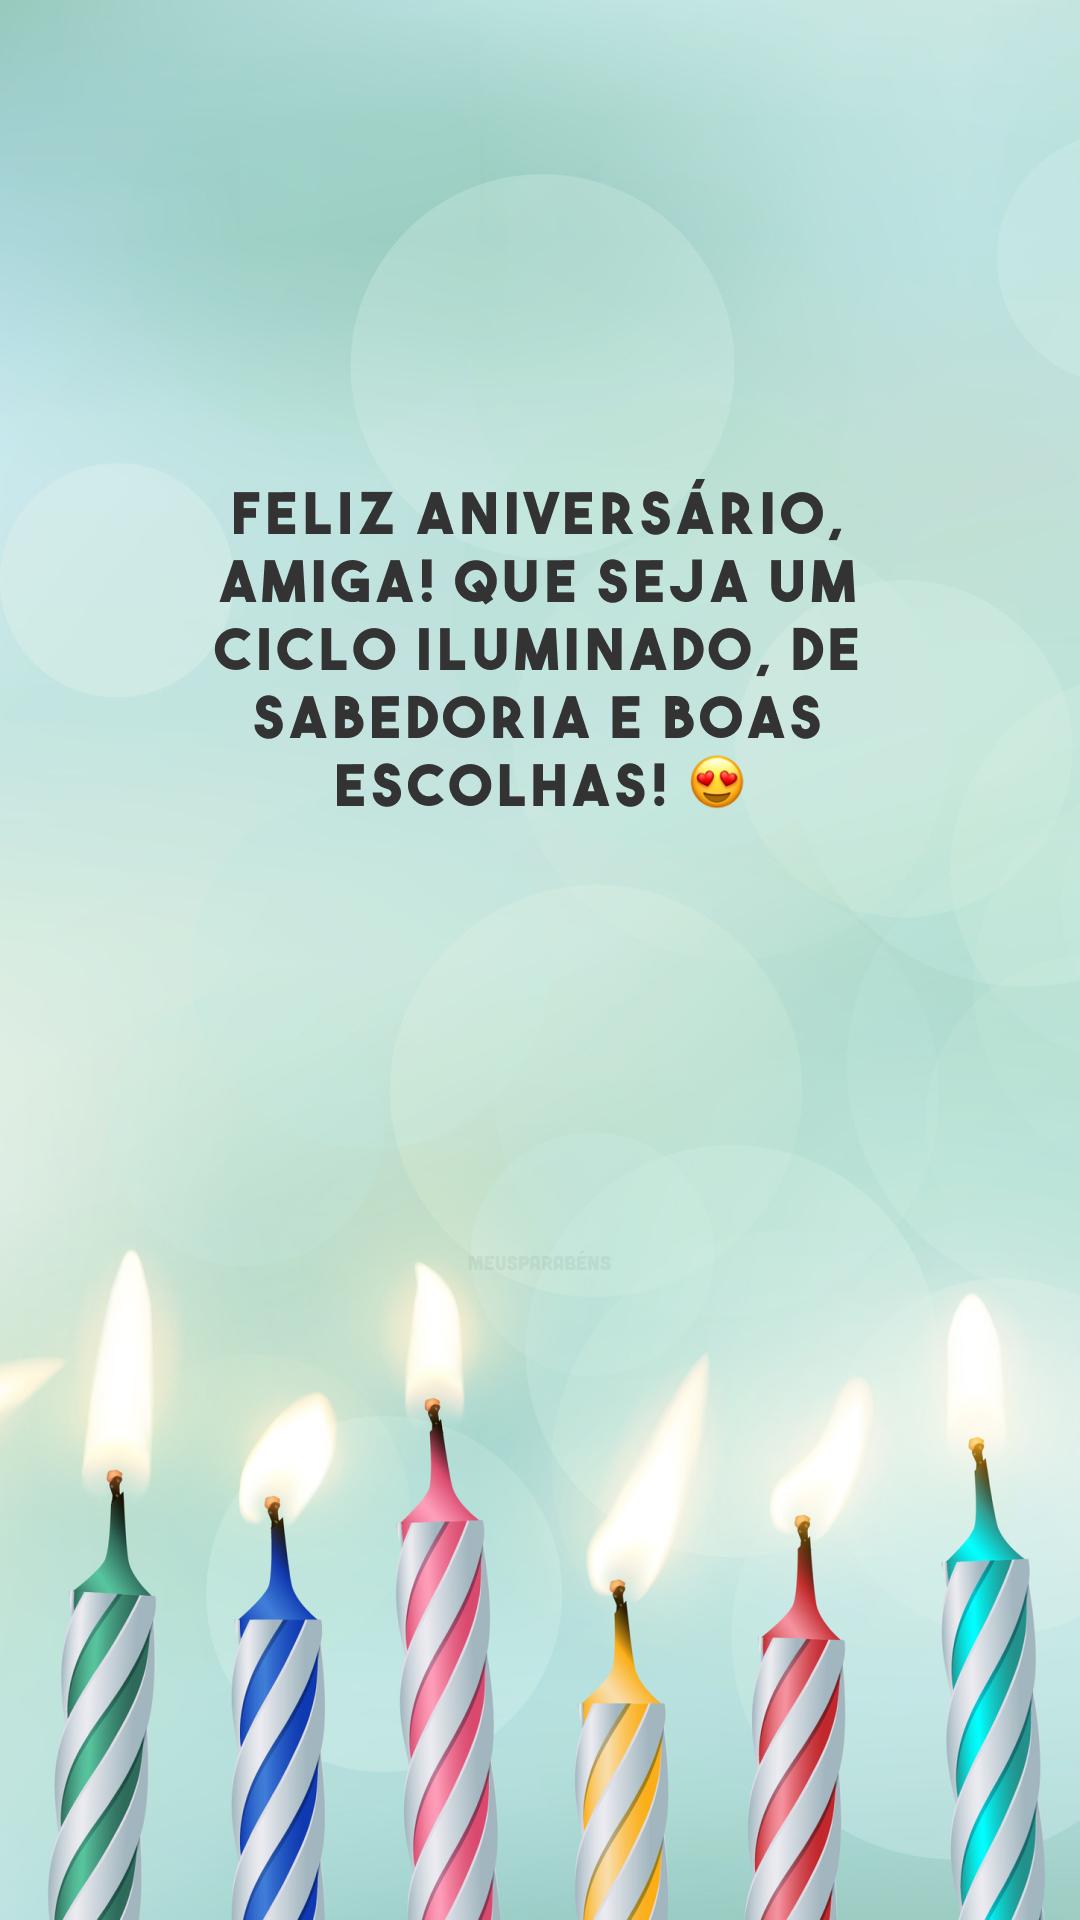 Feliz aniversário, amiga! Que seja um ciclo iluminado, de sabedoria e boas escolhas! 😍